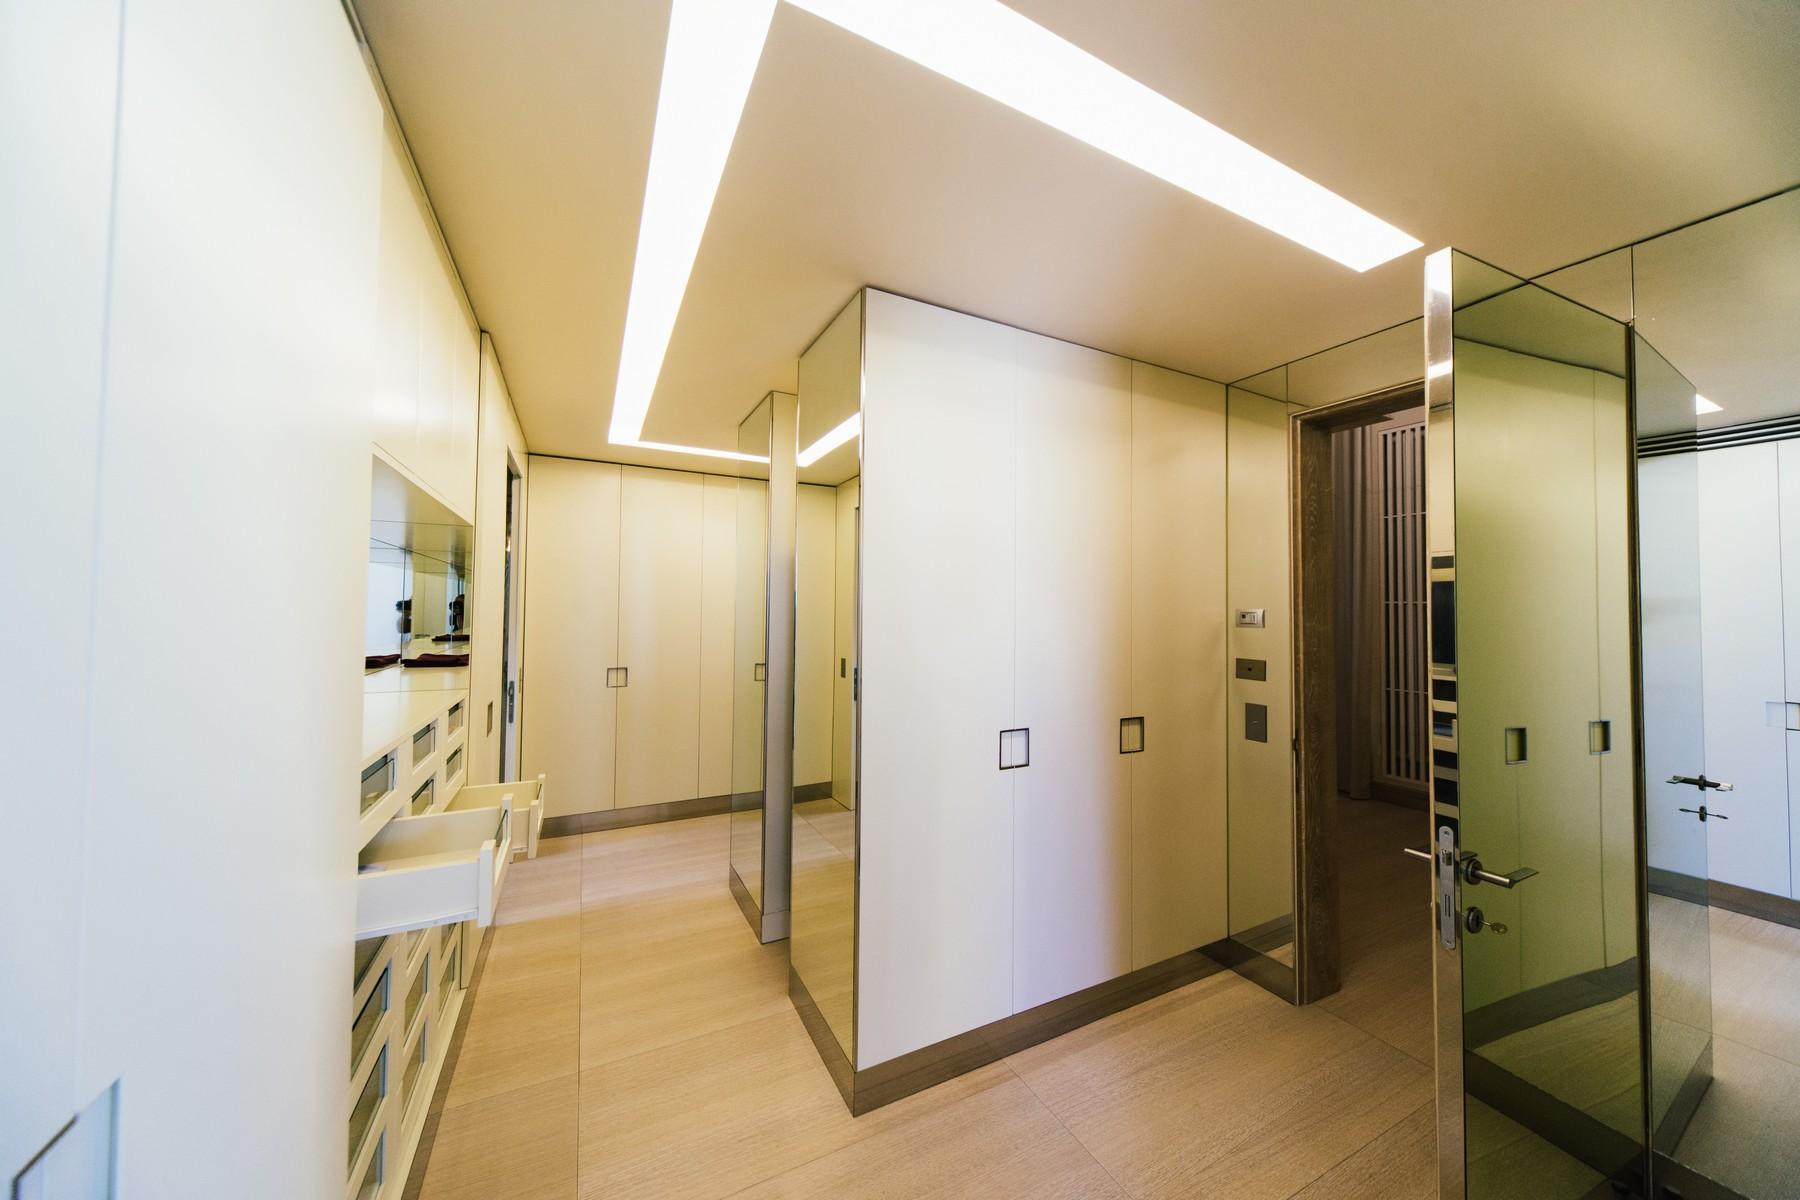 Additional photo for property listing at Unique seafront villa in Emerald Coast Via Grecale Porto Rotondo, Olbia Tempio 07026 Italy